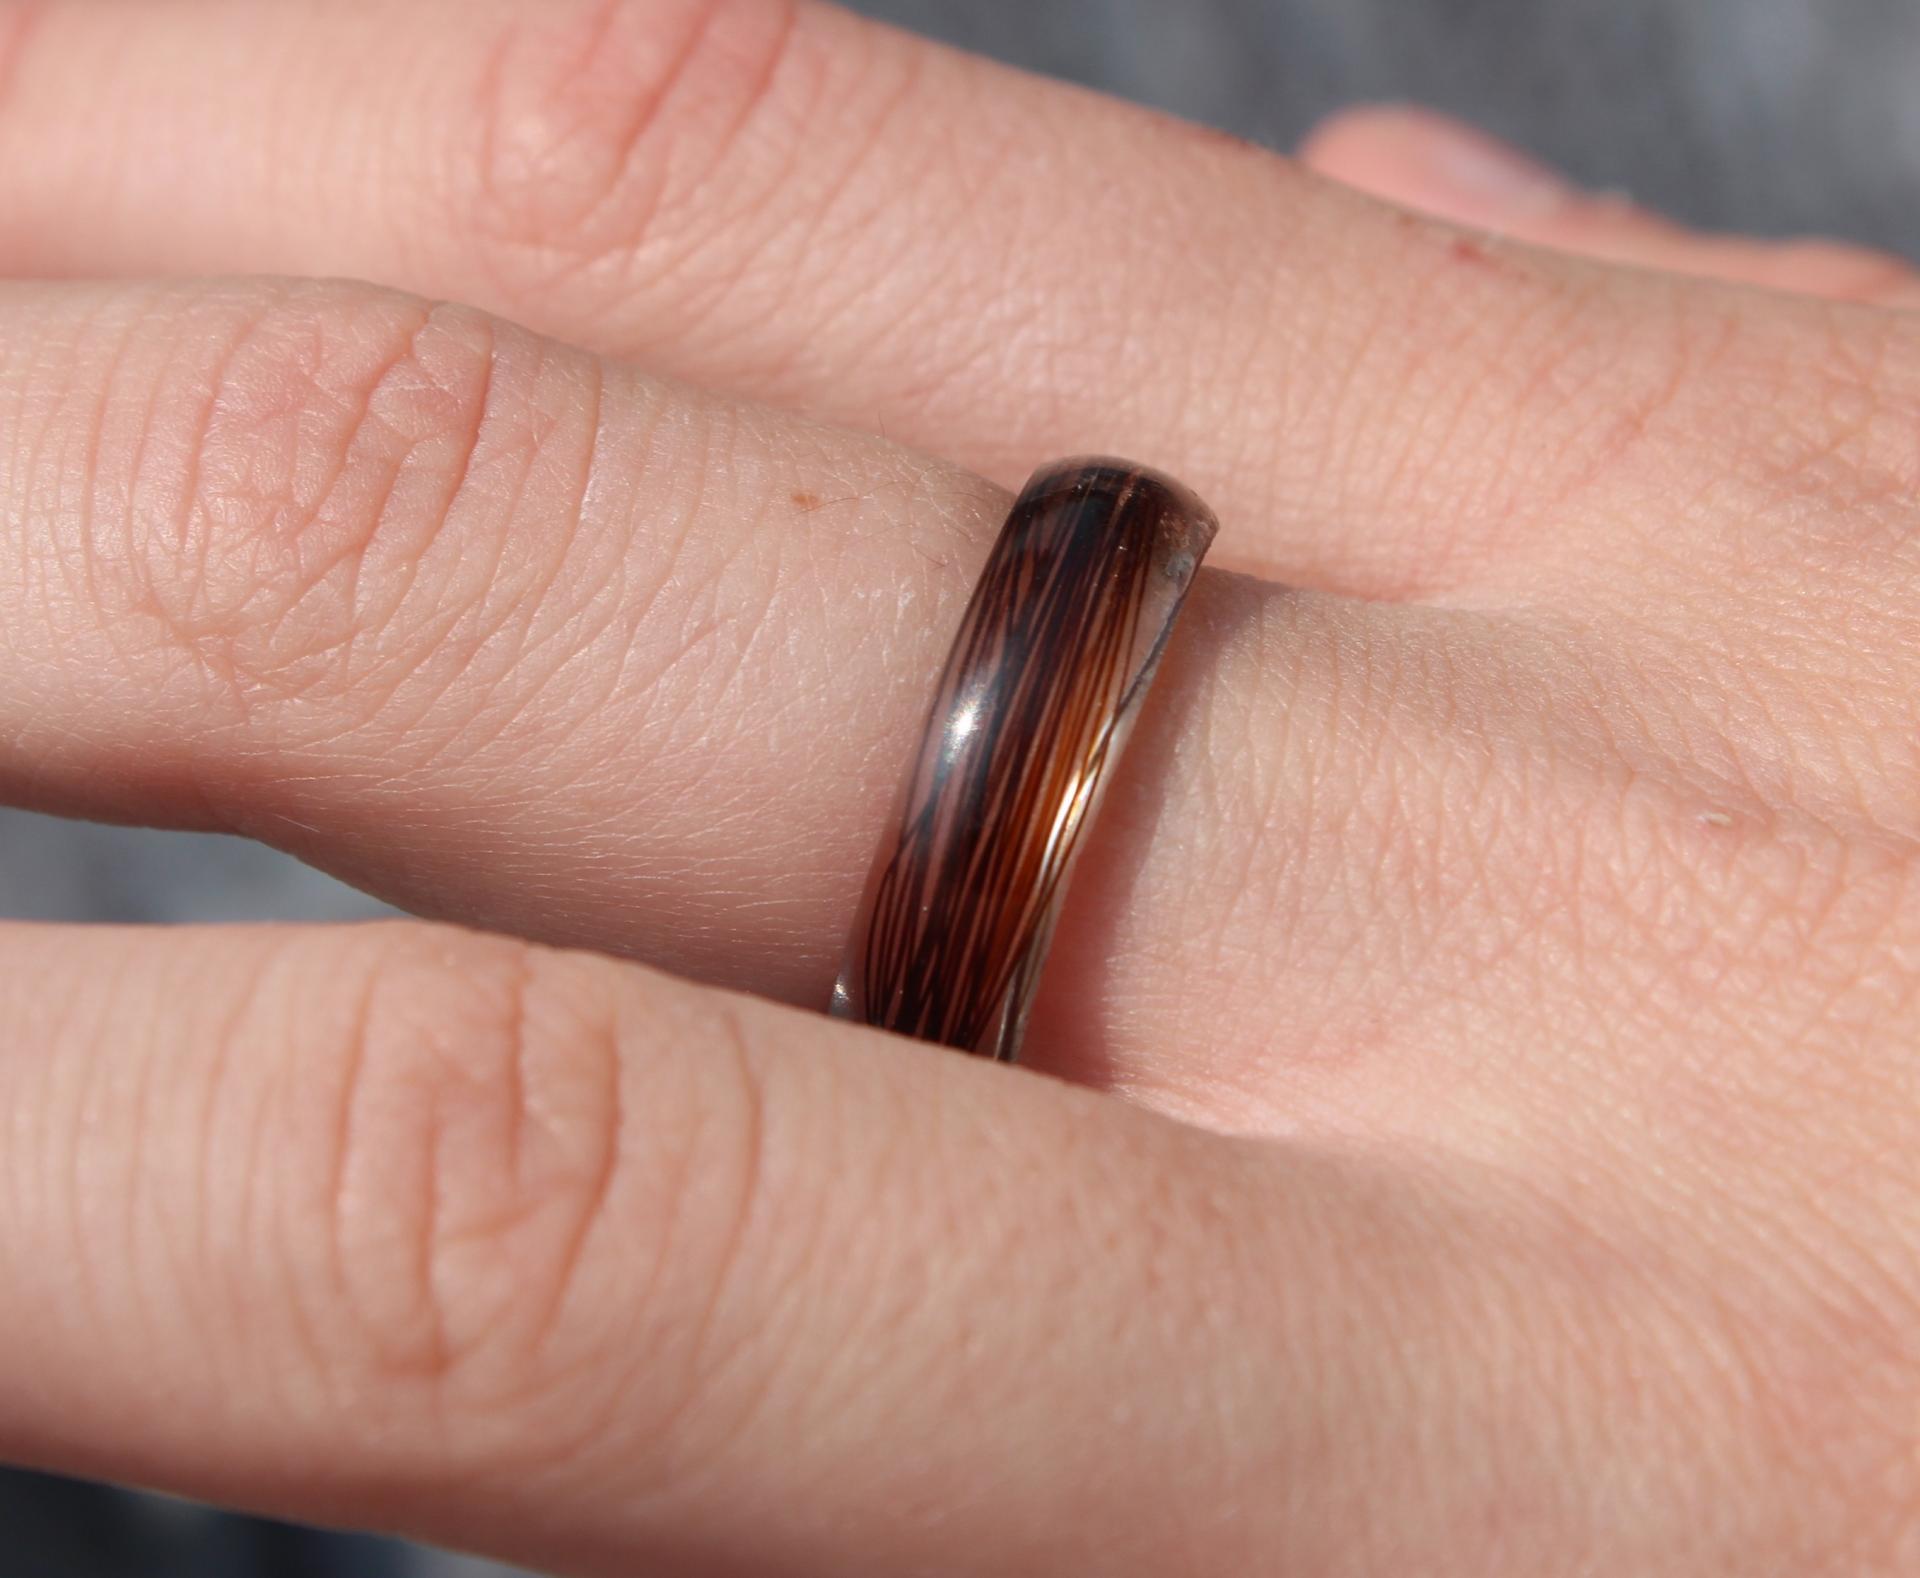 Creation crins cheval bague anneau resine immortel souvenir pas cher solide marron